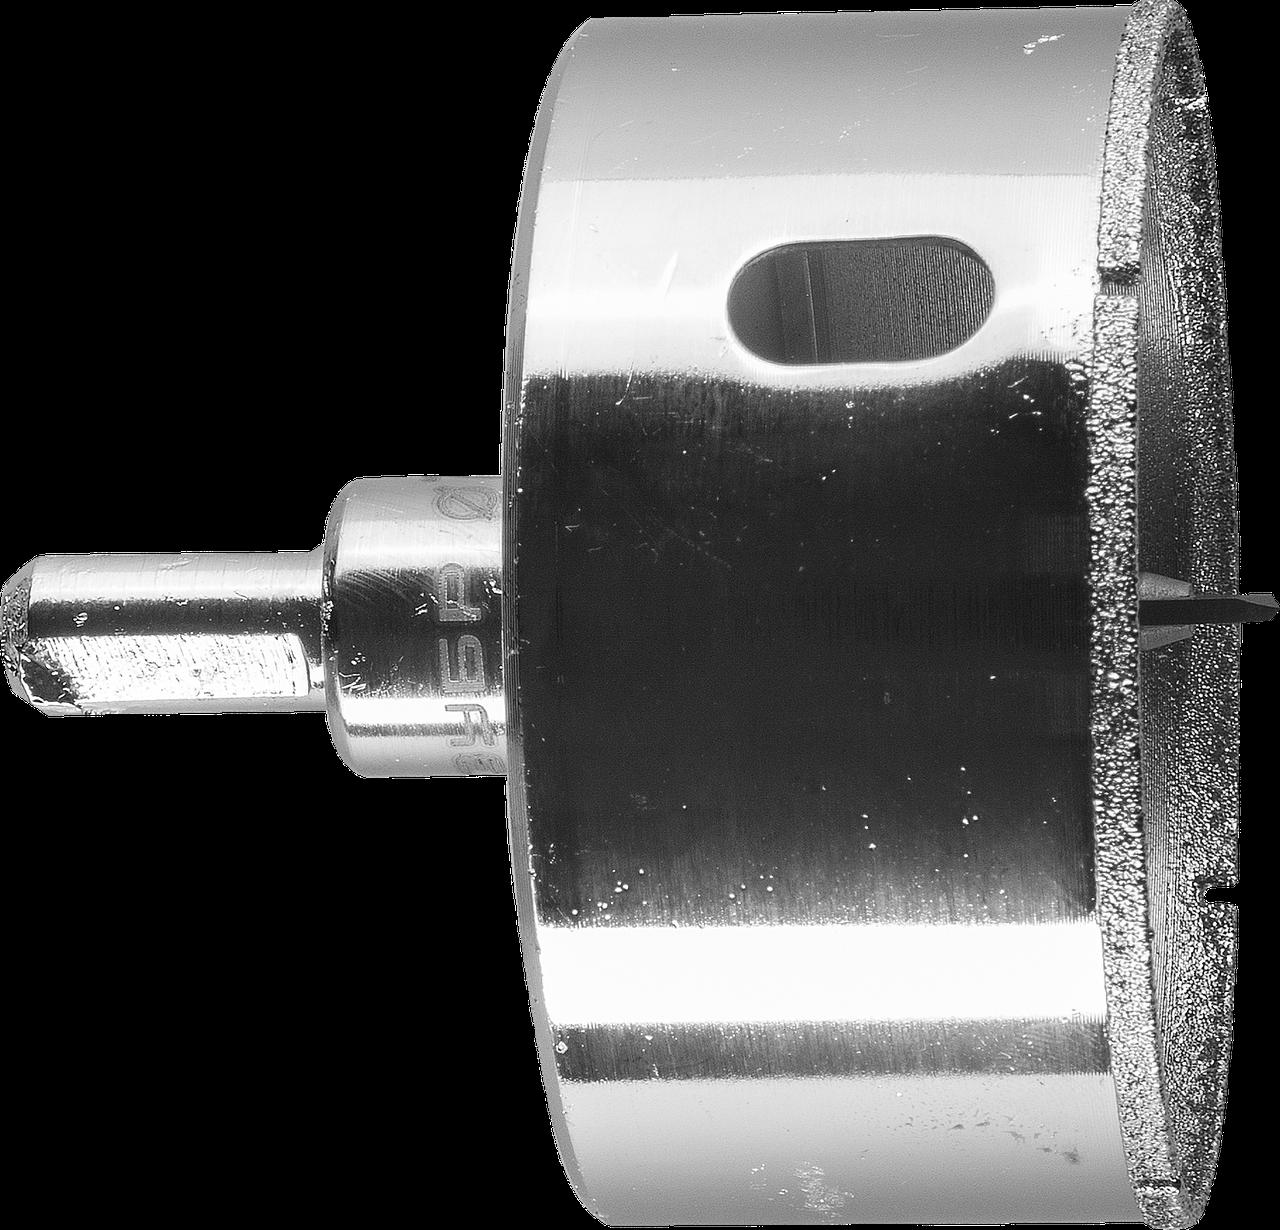 Коронка алмазная по кафелю и стеклу, d=73 мм, зерно Р 60, в сборе с центрирующим сверлом и имбусовым ключом,